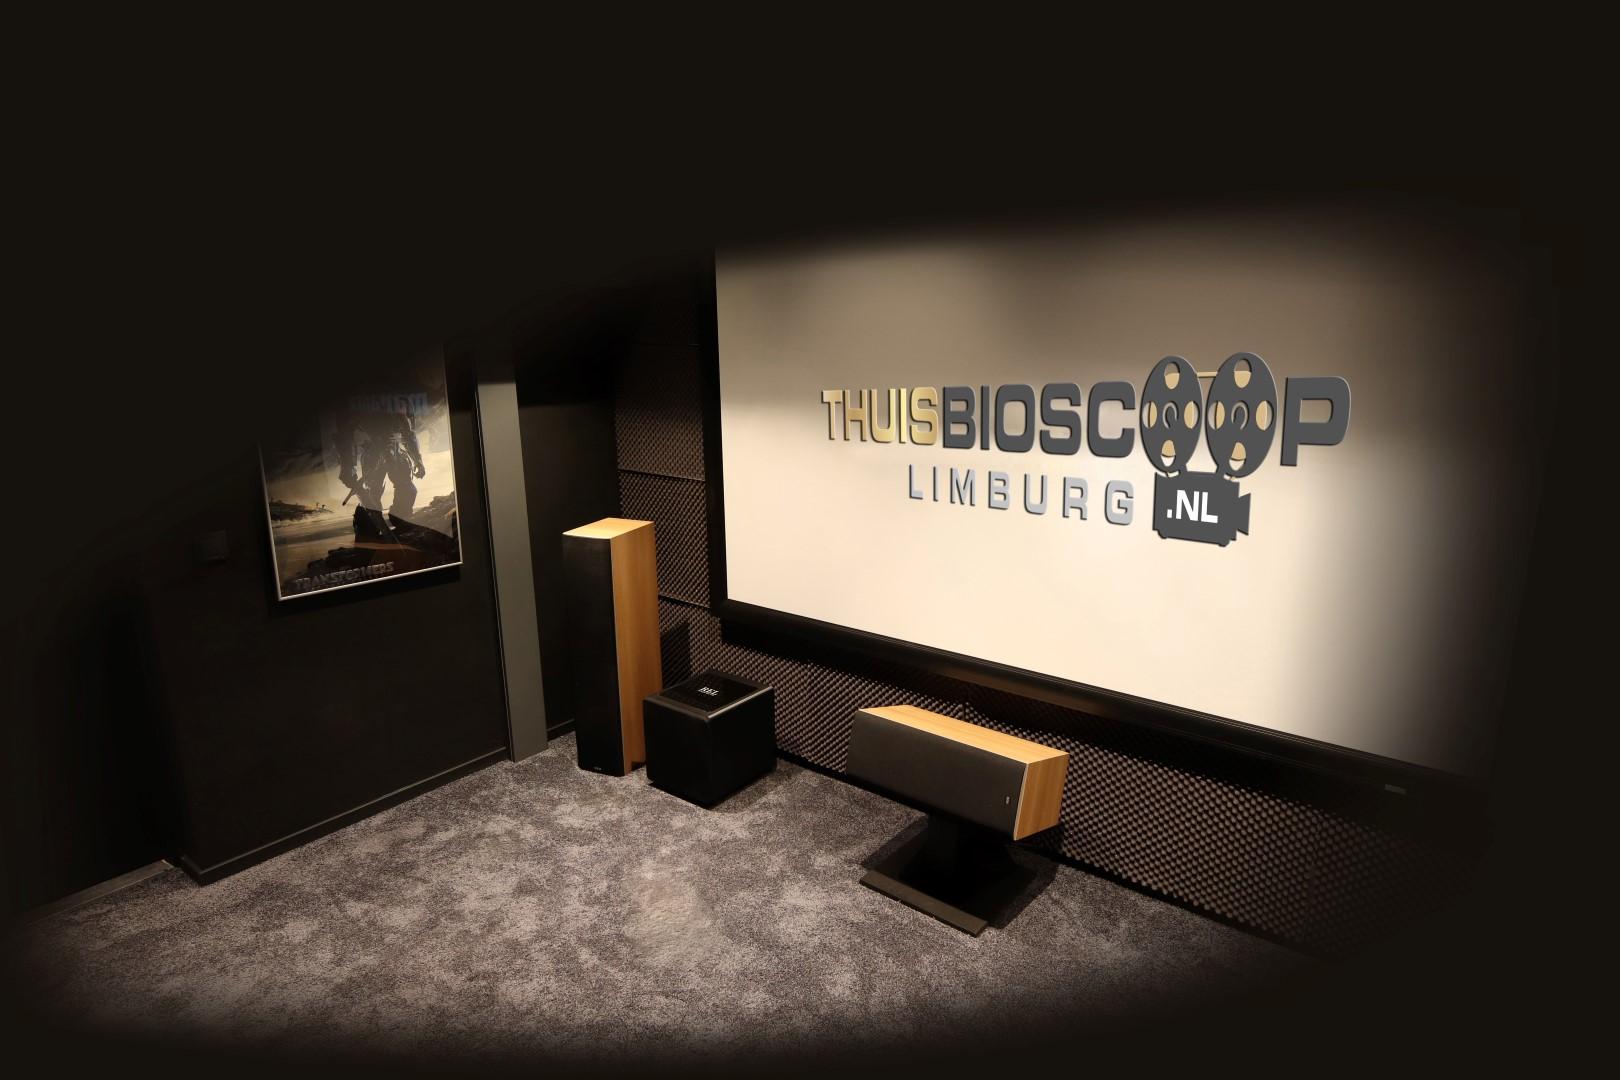 ThuisbioscoopLimburg_9.jpg